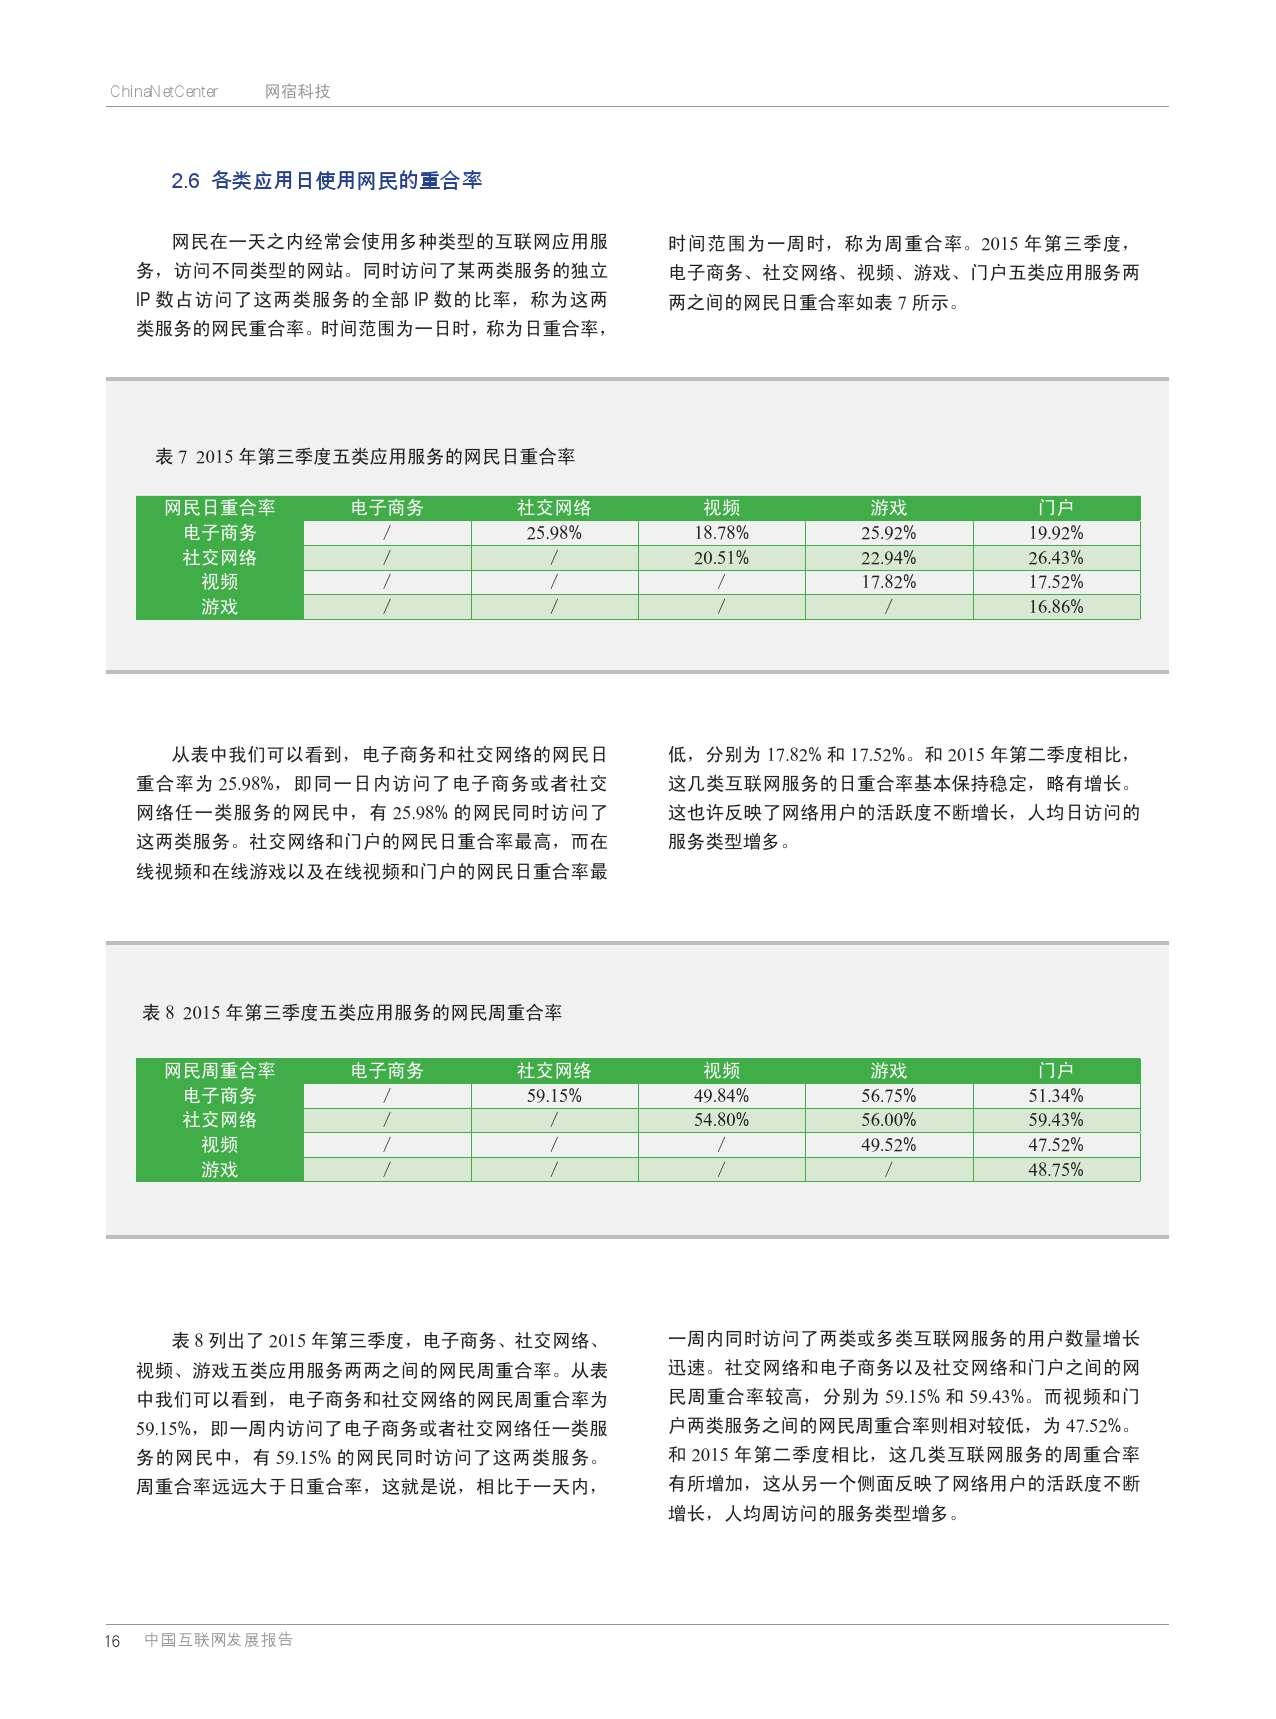 网宿:2015年Q3互联网报告_000015